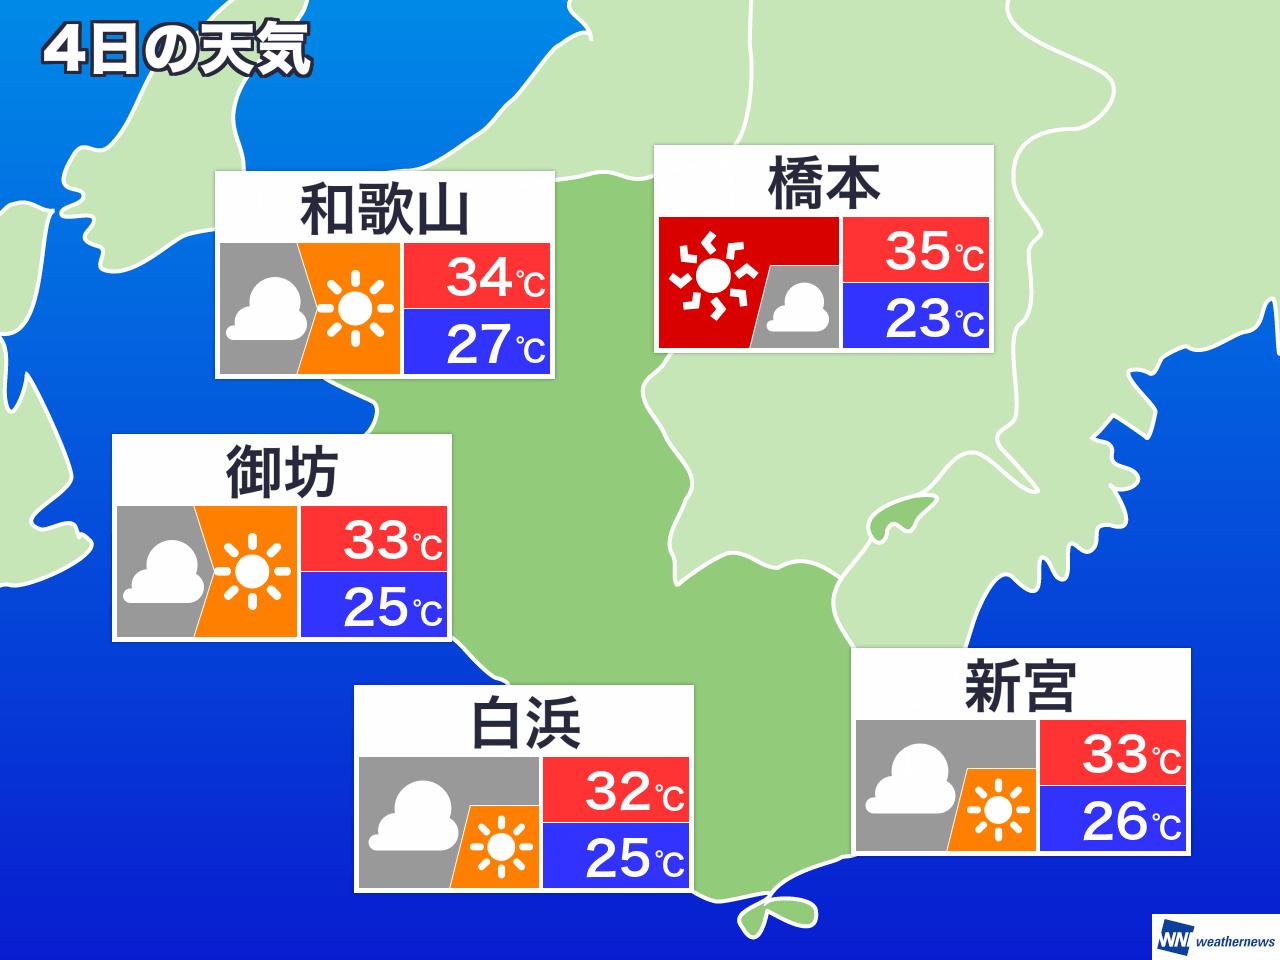 明日 の 天気 和歌山 和歌山市の10日間天気(6時間ごと) -